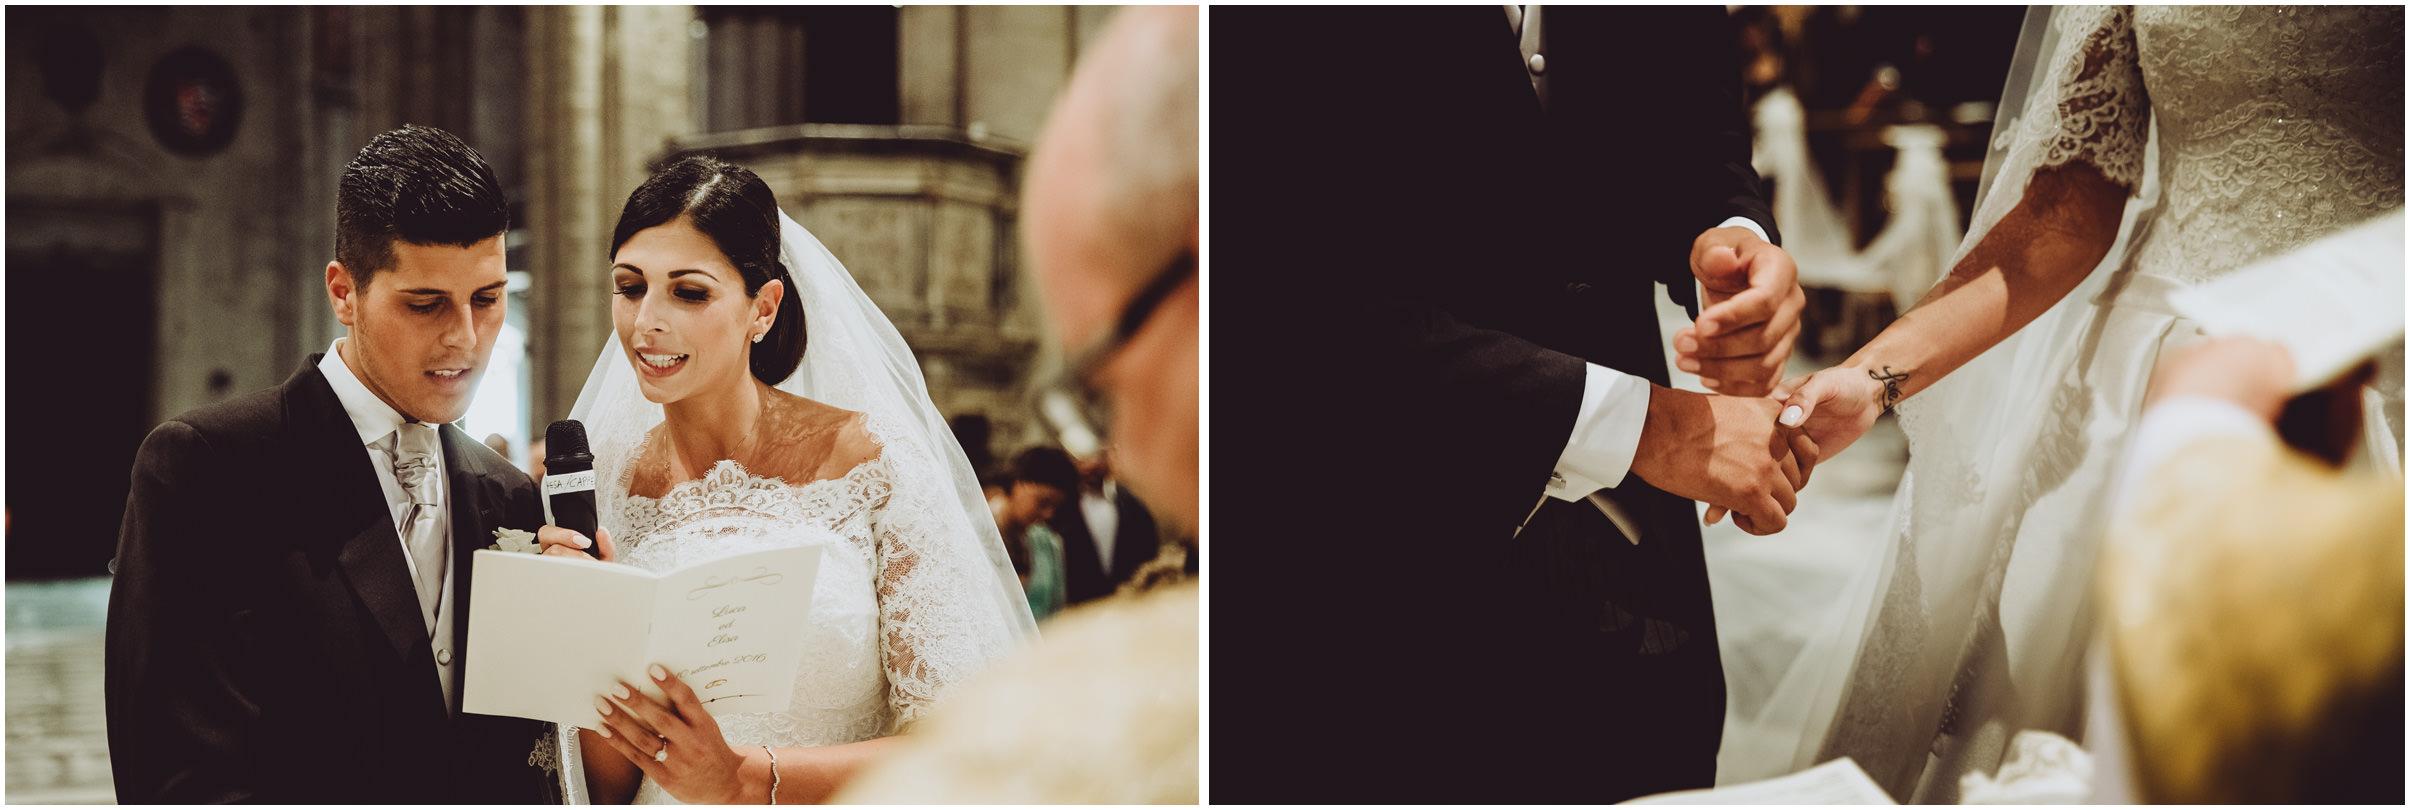 WEDDING-PHOTOGRAPHY-SARA-LORENZONI-FOTOGRAFIA-MATRIMONIO-AREZZO-TUSCANY-EVENTO-LE-SPOSE-DI-GIANNI-ELISA-LUCA020